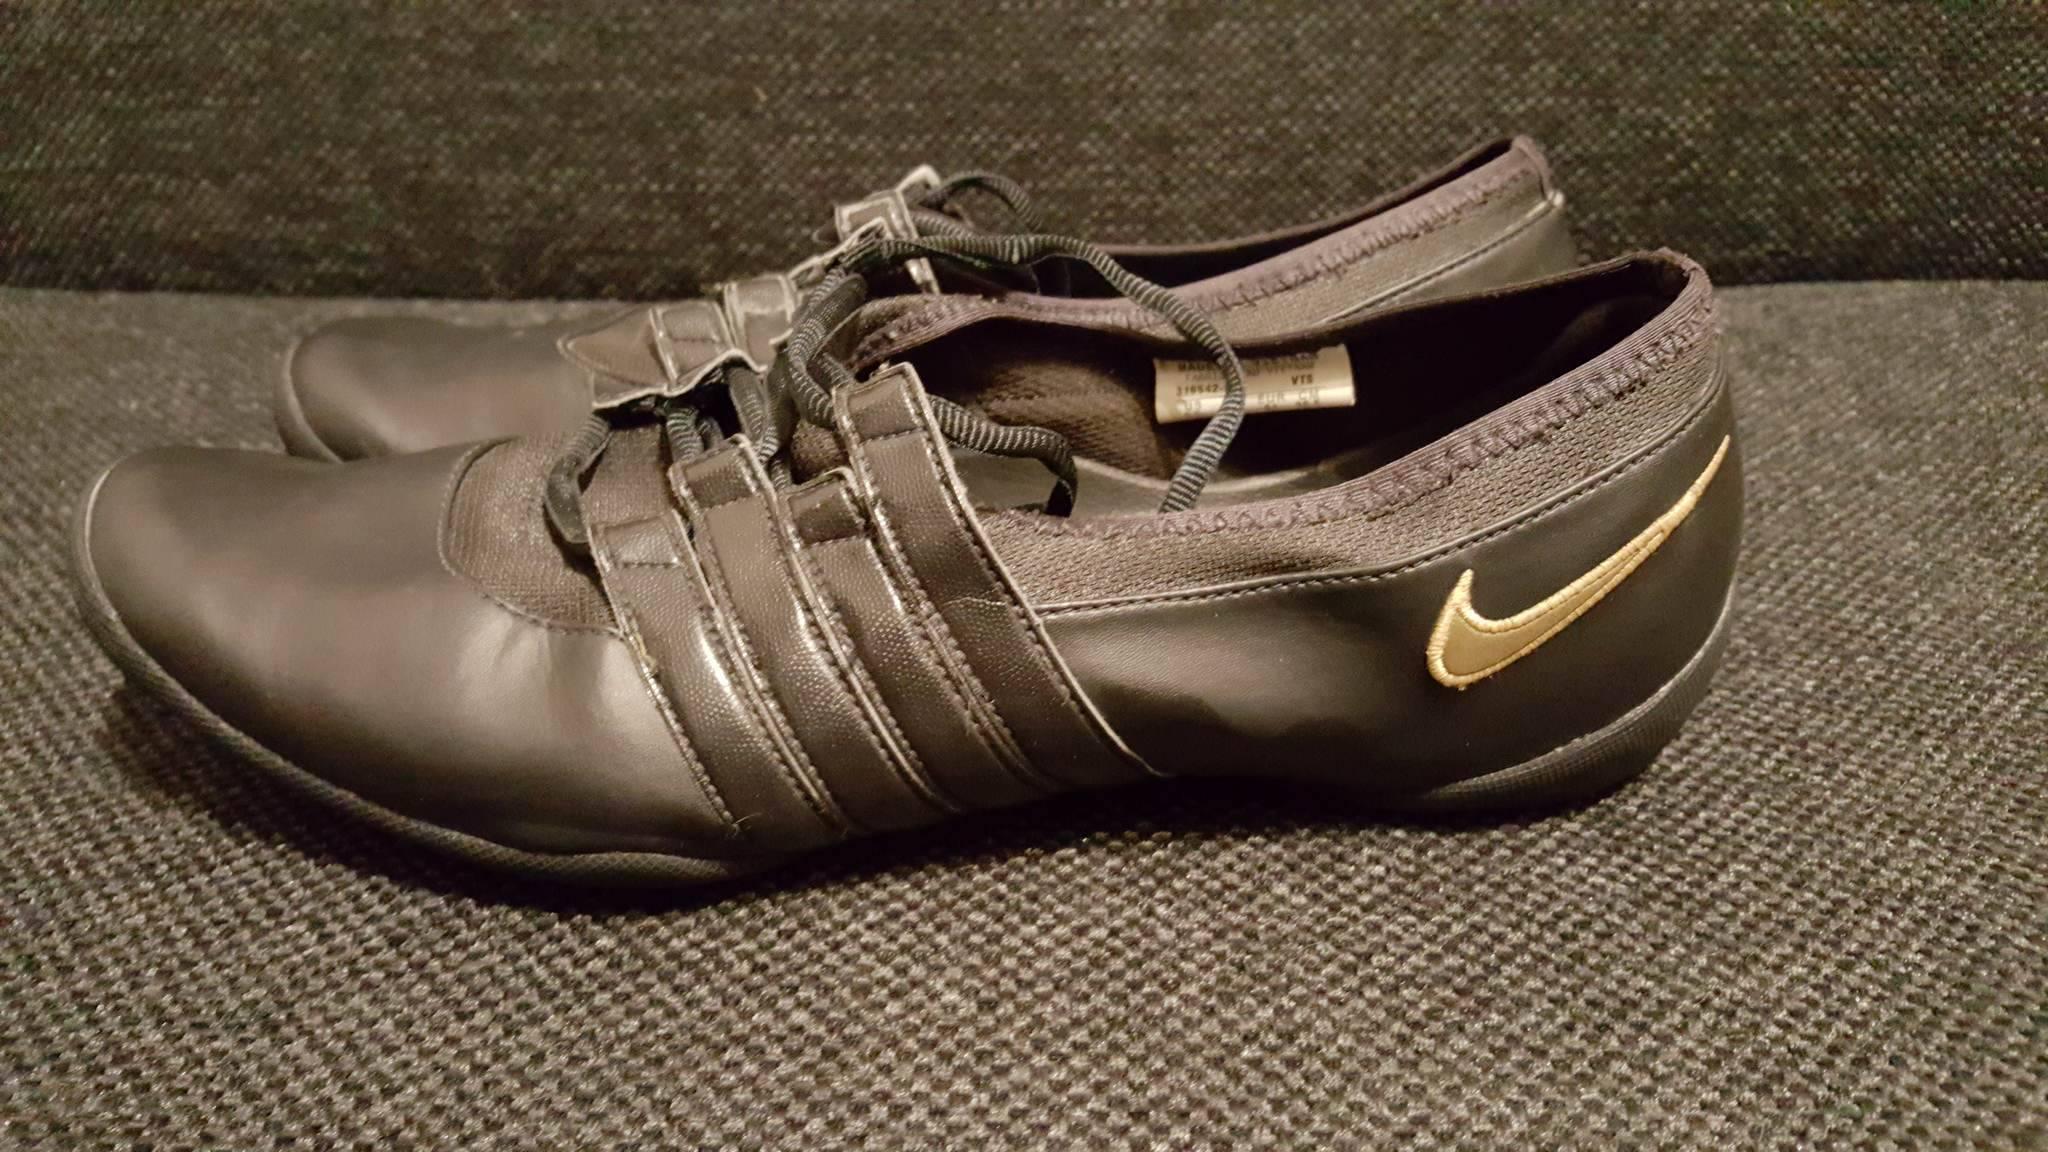 Buty Cichobiegi Damskie Nike roz. 41 wygodne!